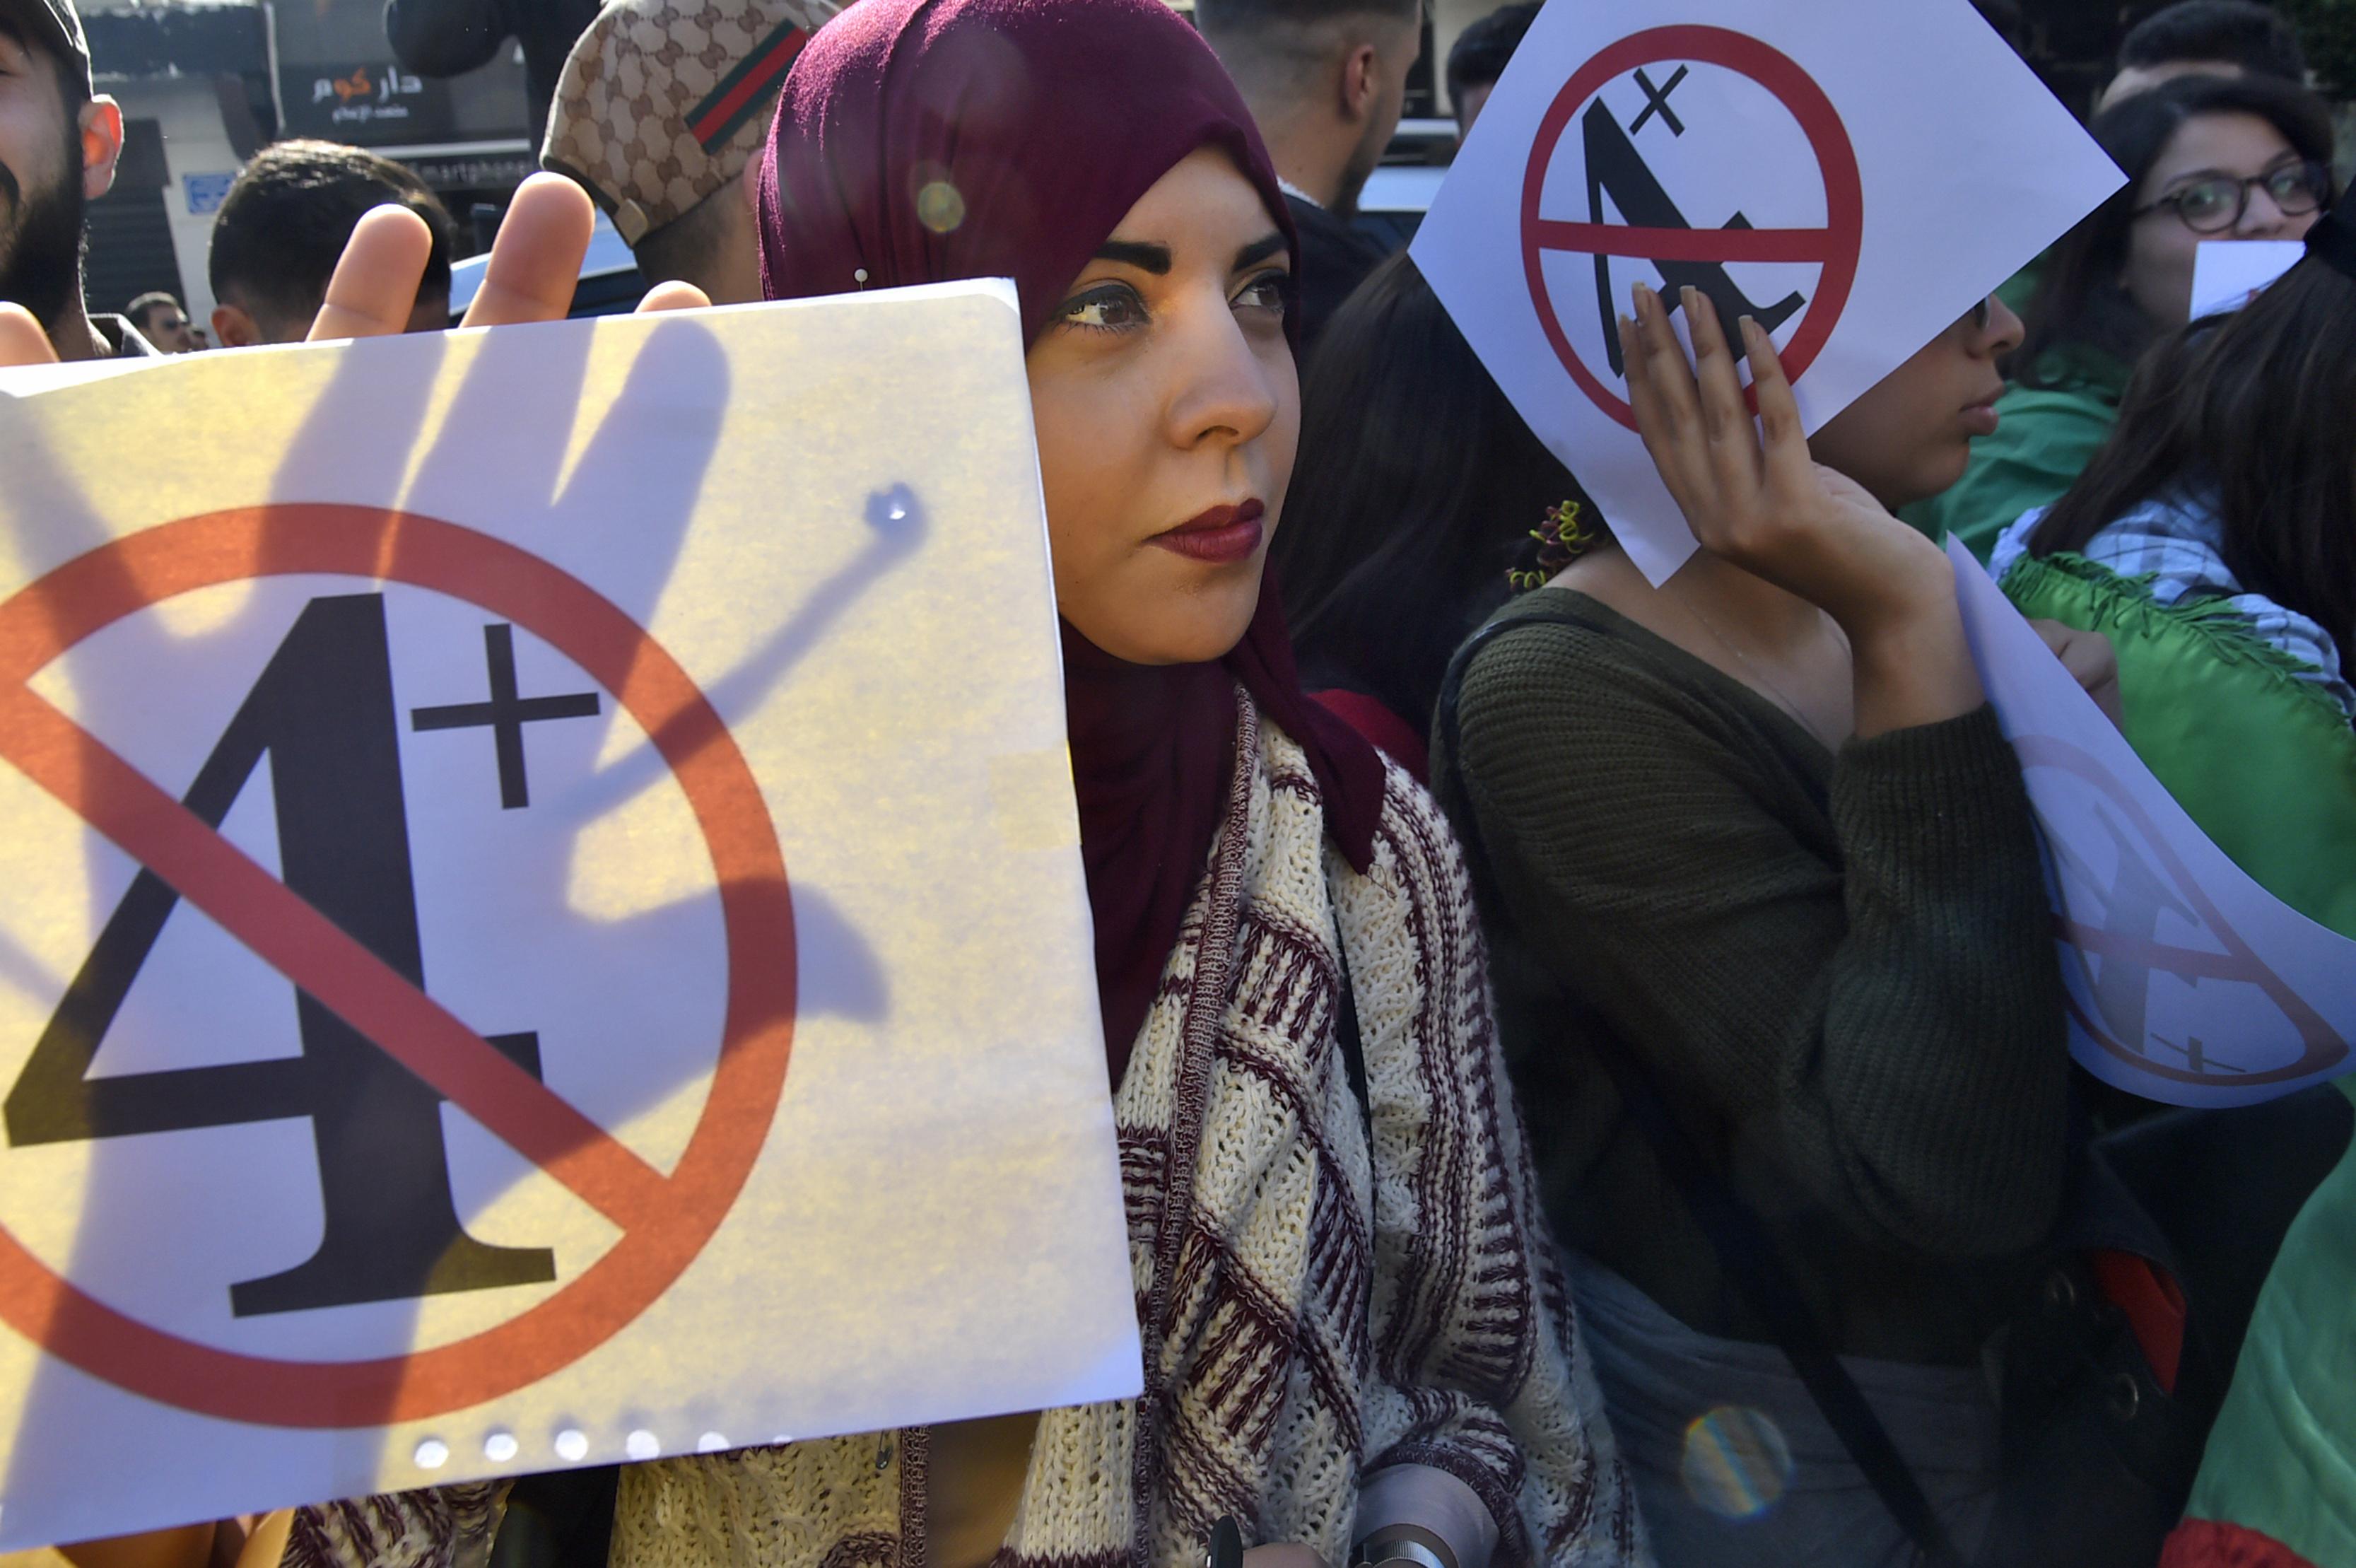 جزائرية تحمل لافتة تعبر عن رفض قرار بوتفليقة عدم الترشح والبقاء في منصبه فترة غير محددة